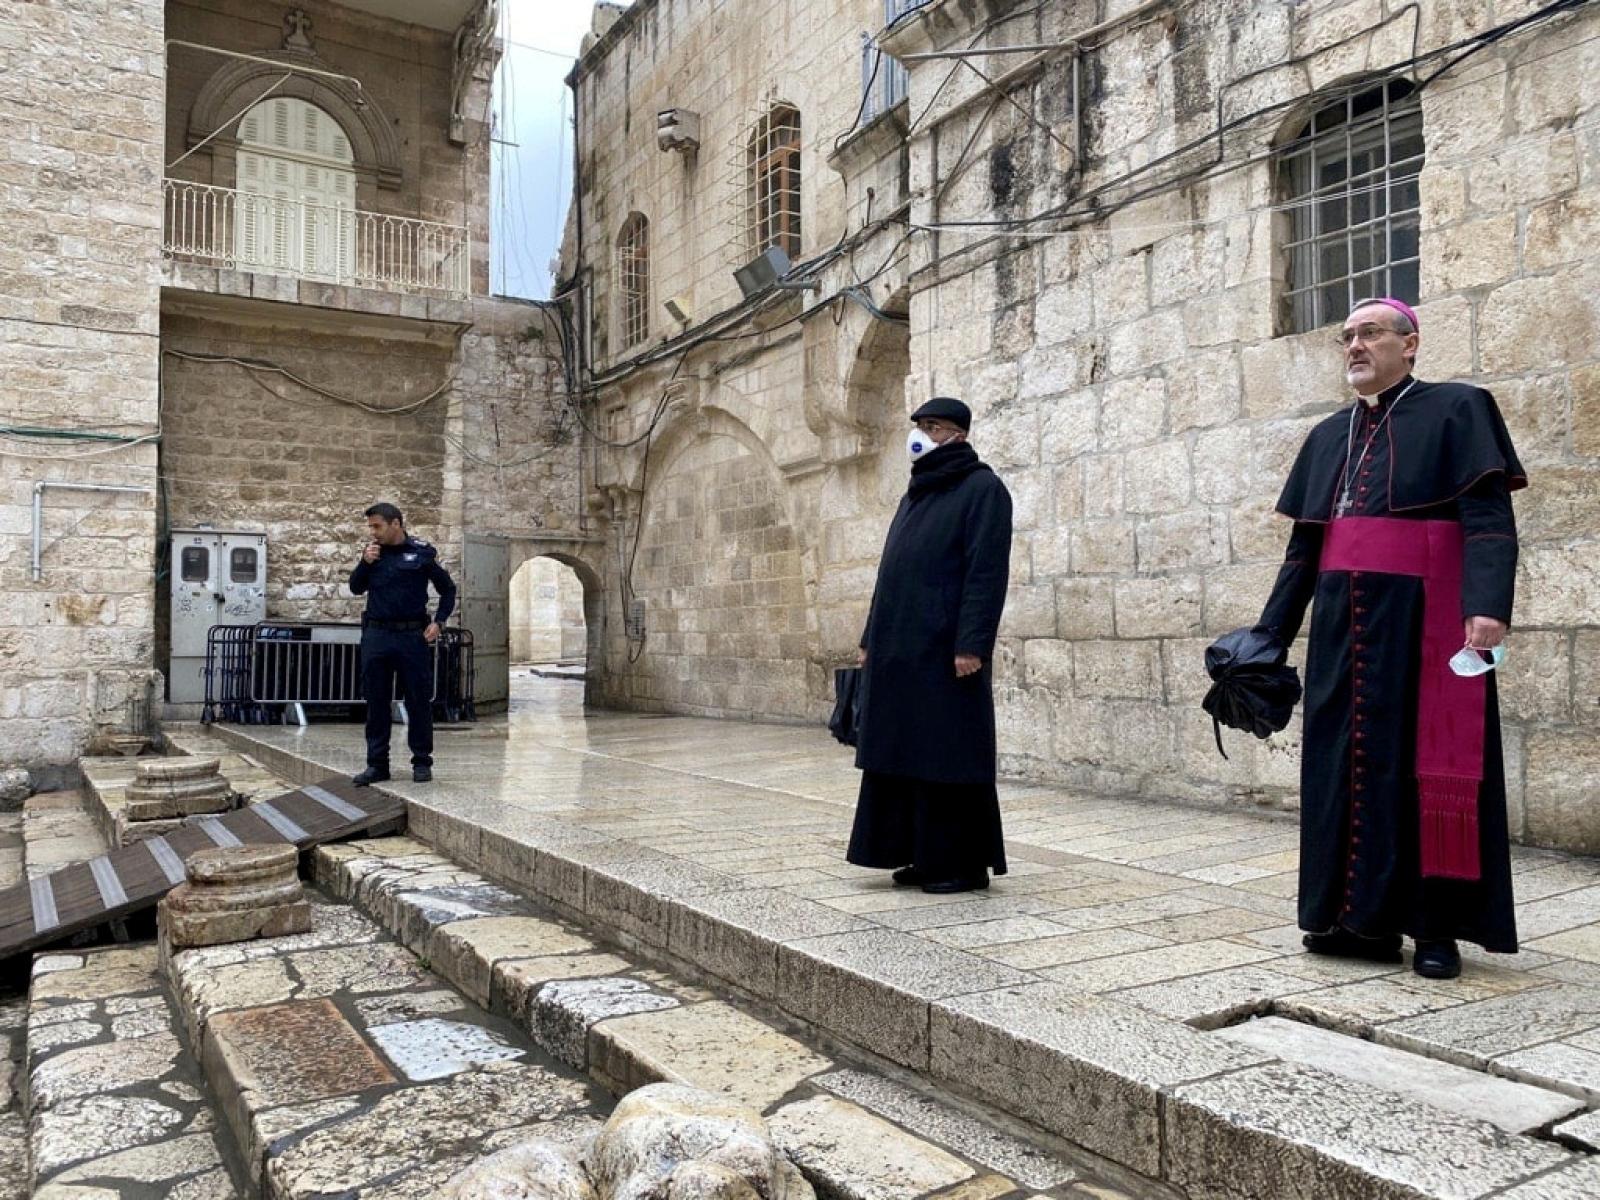 Nadbiskup Pierbattista Pizzaballa (desno) u razgledavanju bazilike prije ponovnog otvaranja /Foto: REUTERS/PIXSELL